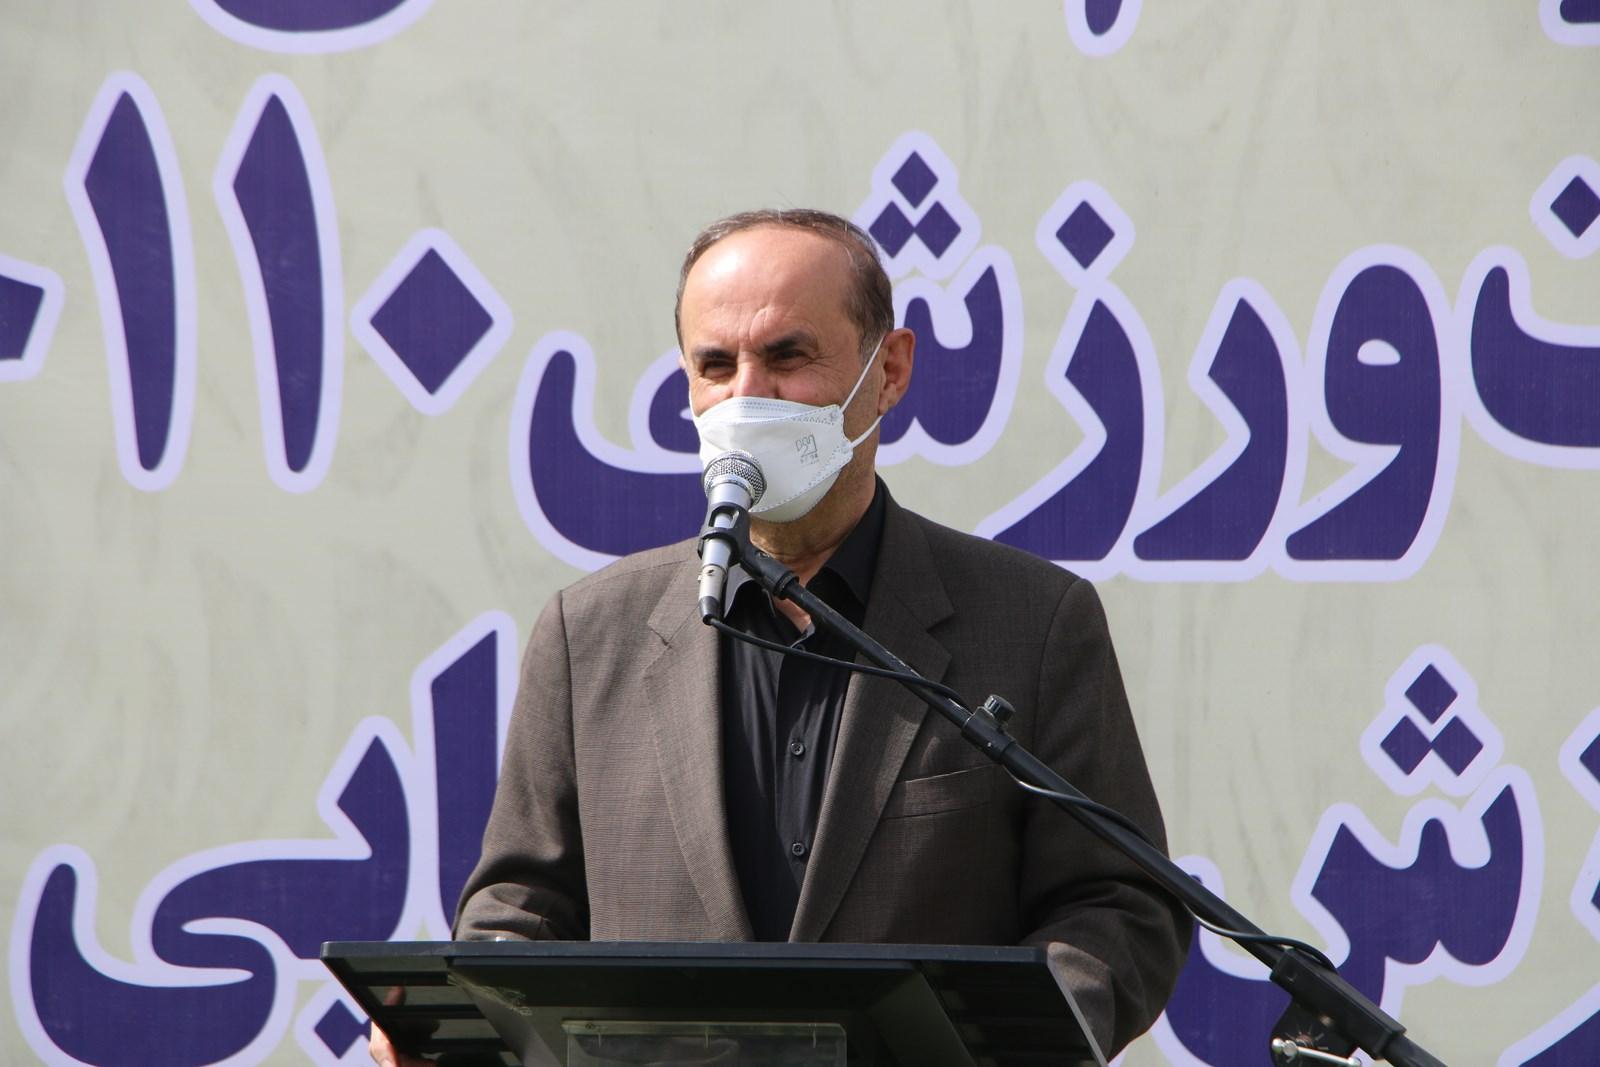 با حضور سلیمانی دشتکی استاندار خوزستان تجهیزات ورزشی به ۱۱۰ خانه ورزش روستایی استان اهدا شد